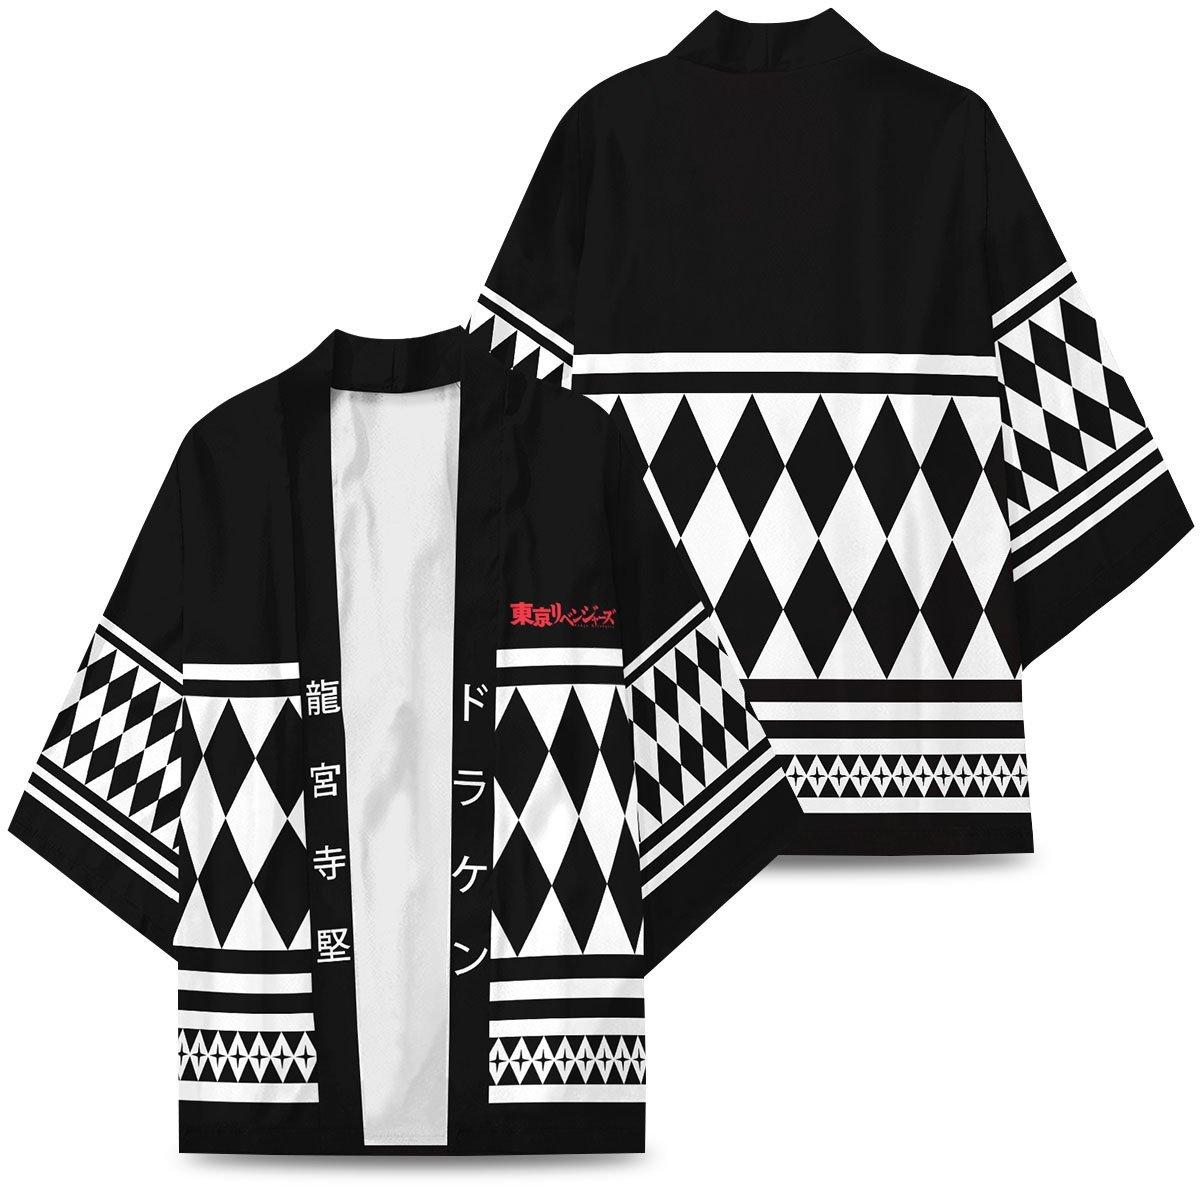 ken ryuguji kimono 662832 - Otaku Treat